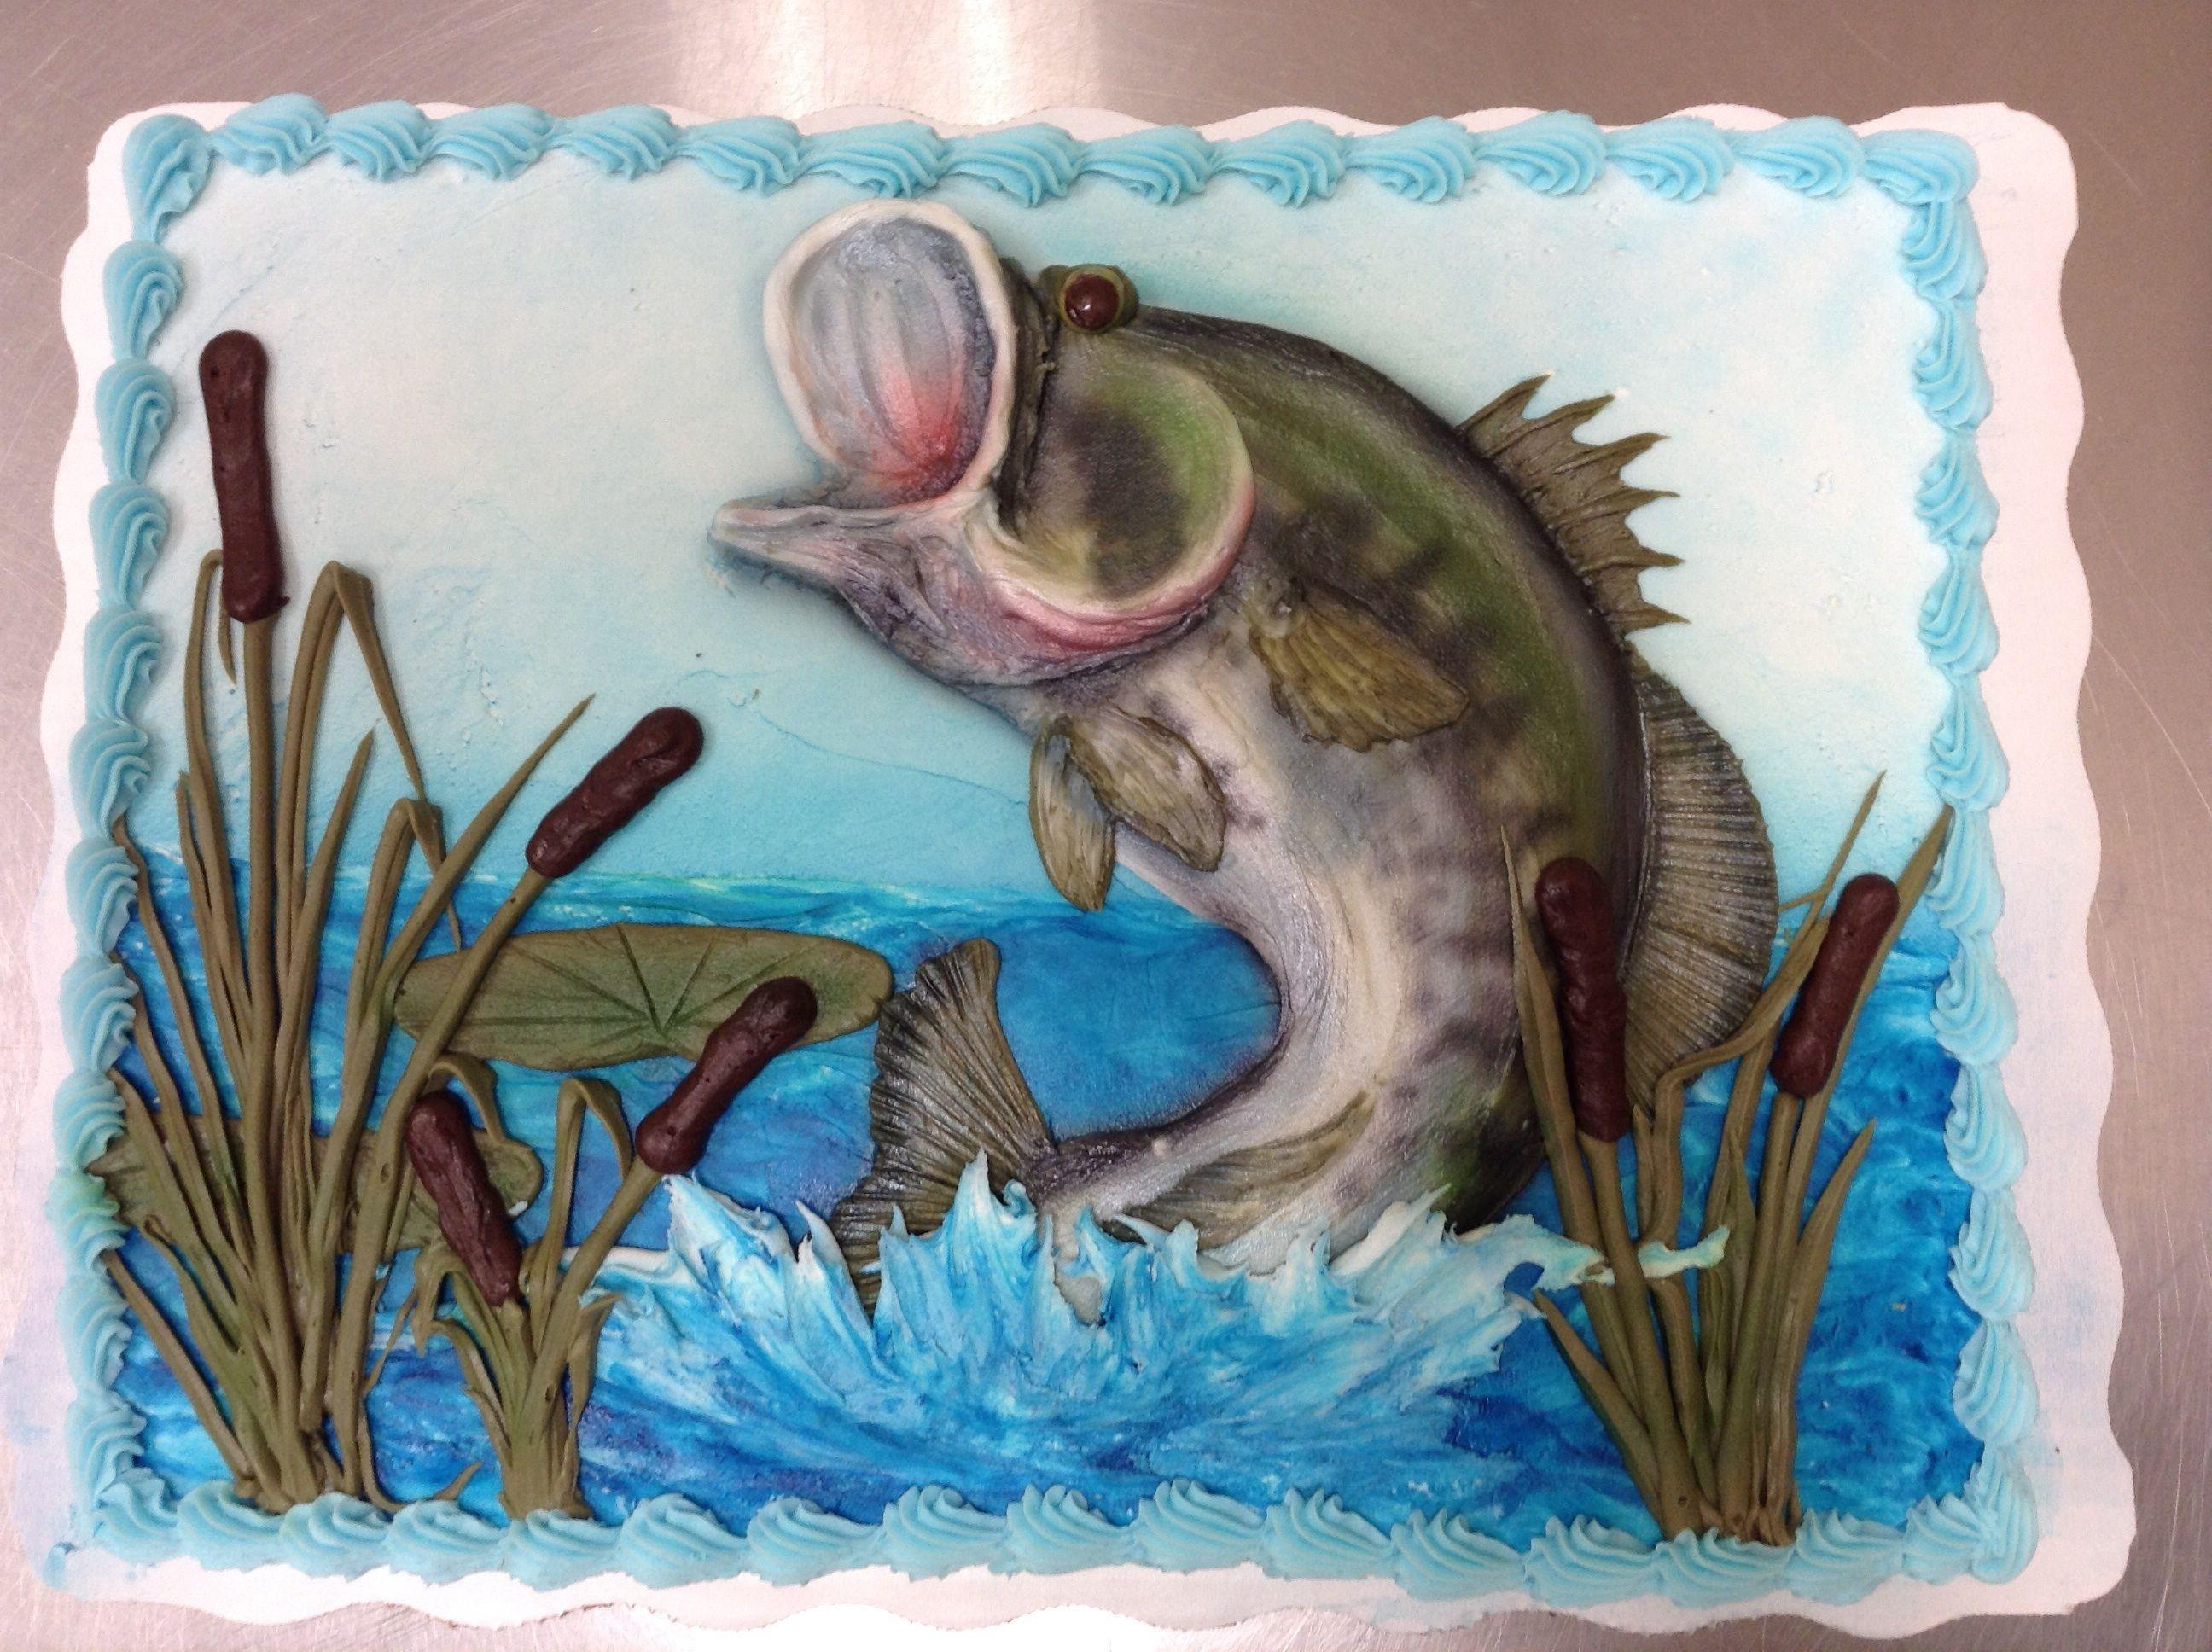 Bass Fishing Birthday Cake Piped Buttercream And Airbrush Fish Cake Birthday Dad Birthday Cakes Bass Fish Cake